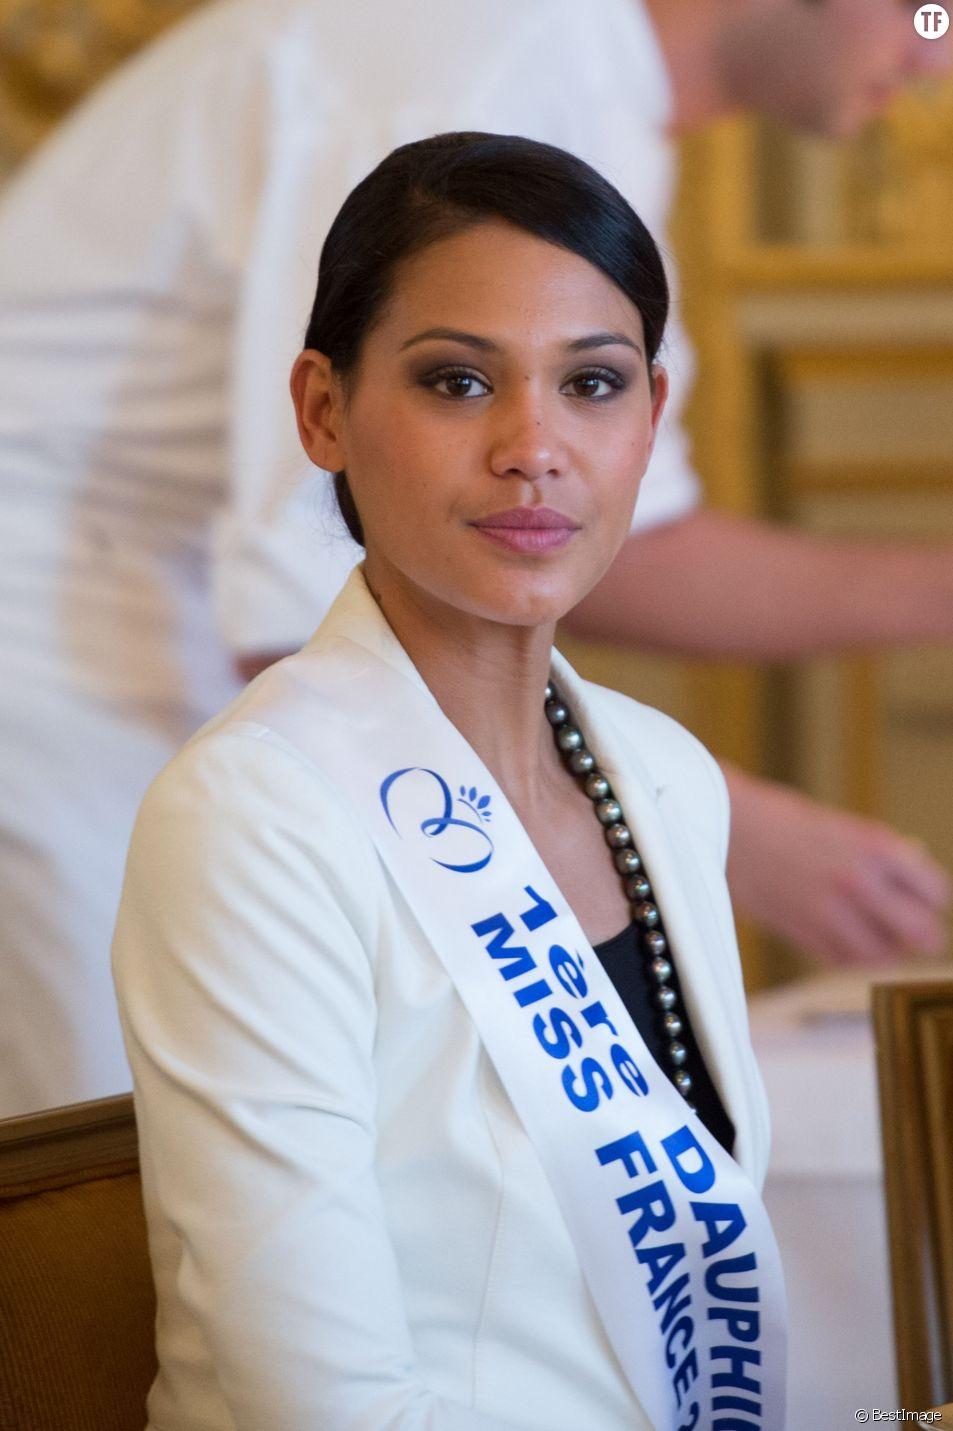 Semi-Exclusif - Hinarere Taputu (Miss Tahiti - 1ère Dauphine 2015) - Anniversaire surprise ( 20 ans) de Miss France 2015, Camille Cerf et de sa soeur jumelle Mathilde au Shangri-La Hotel Paris. Le 9 Décembre 2014.